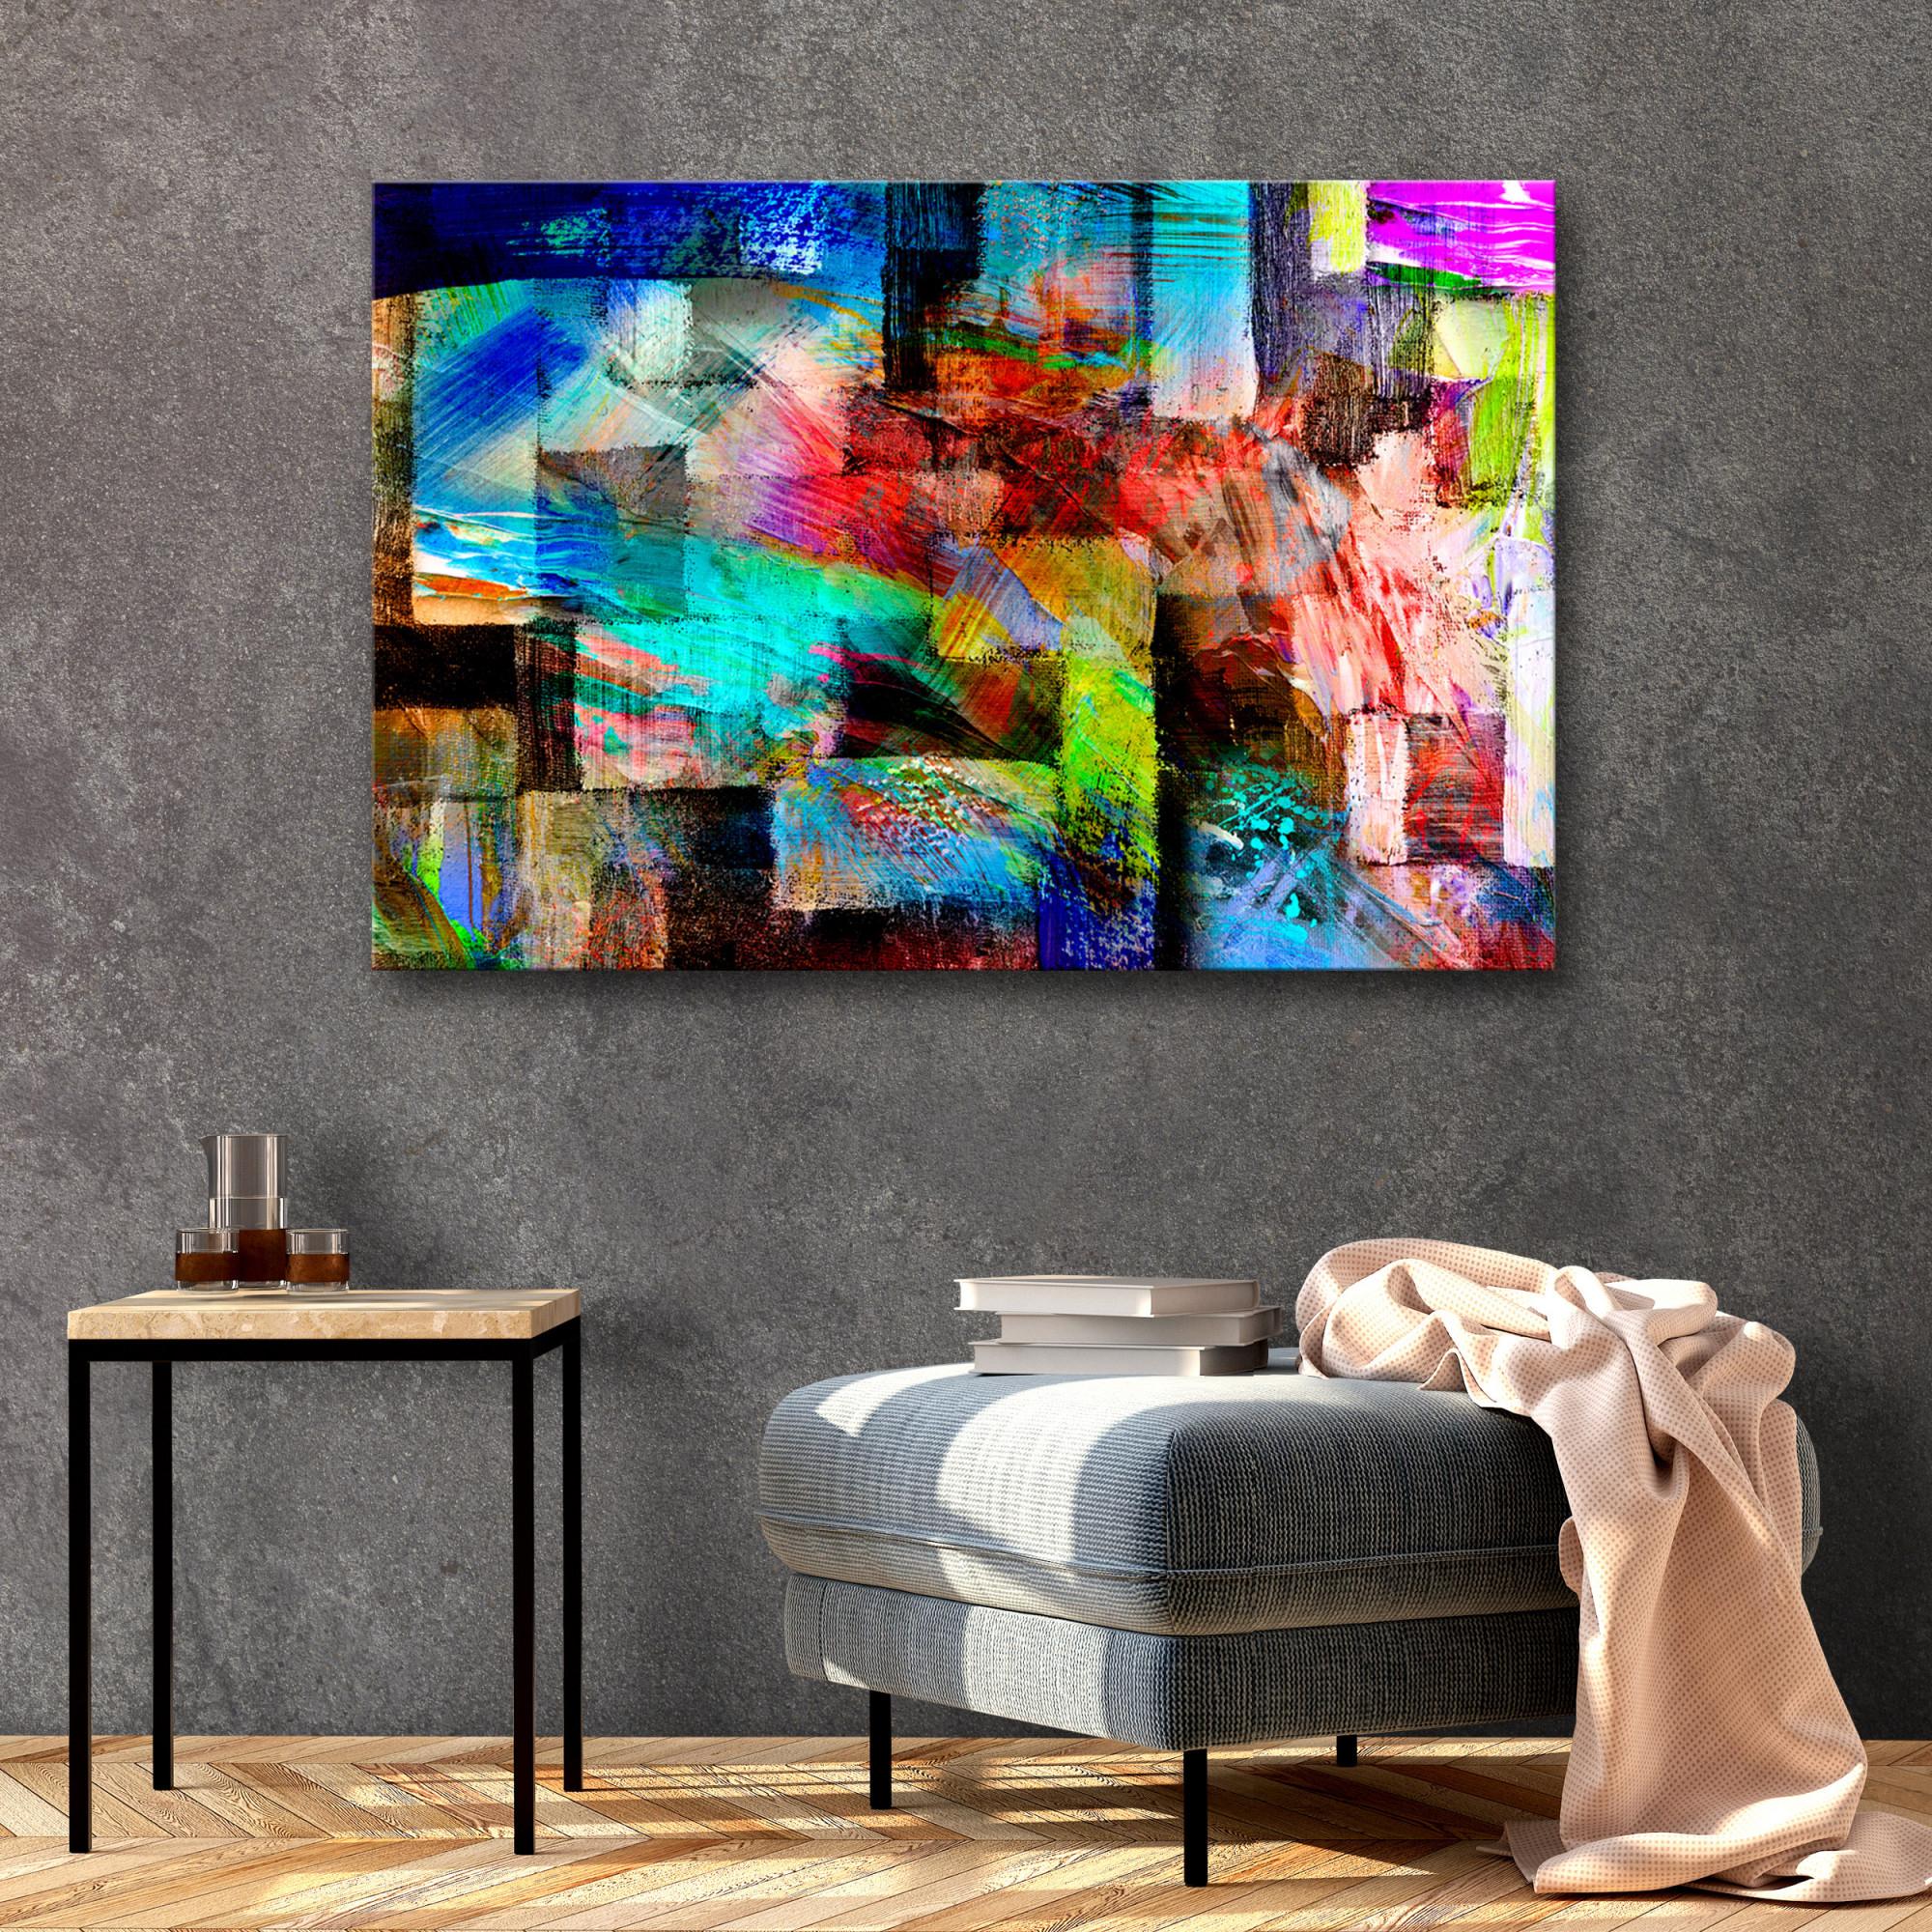 Details Zu Abstrakt Leinwand Deko Bild Xxl Wand Bilder Bunt Kunstdruck  Wohnzimmer 3 Motiven von Bilder Wohnzimmer Abstrakt Photo